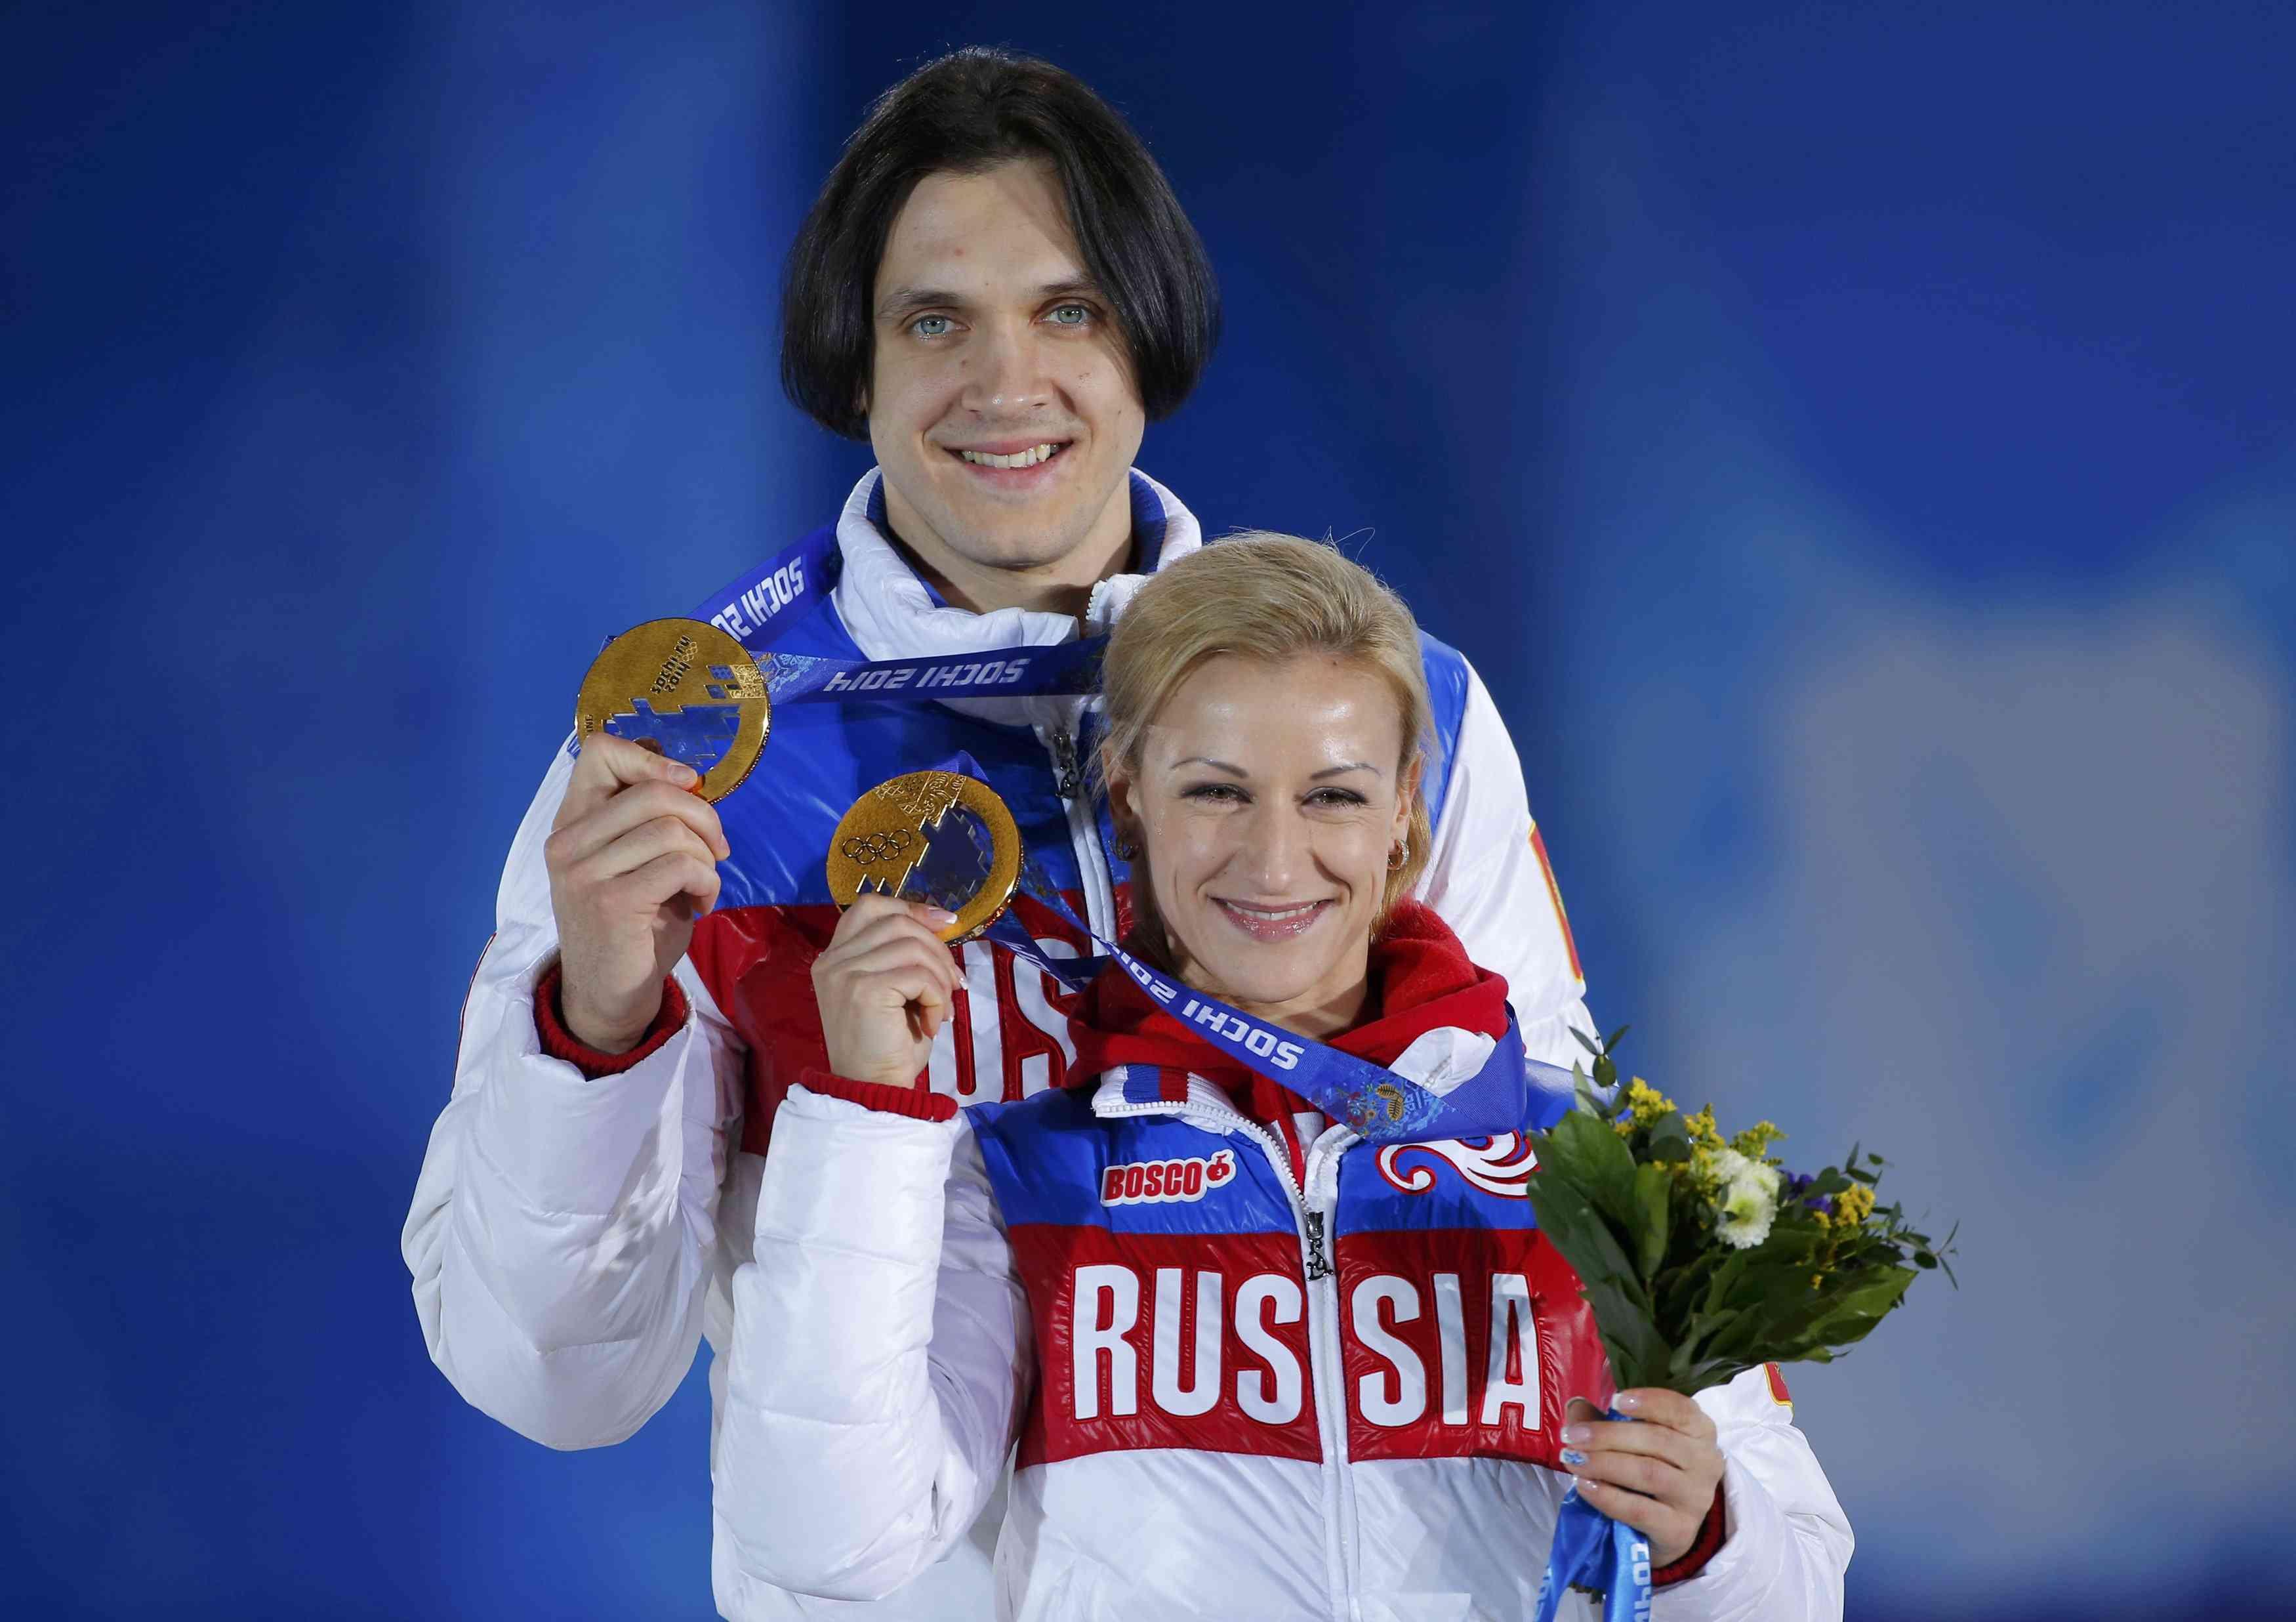 Двукратная олимпийская чемпионка Татьяна Волосожар увлеклась боксом